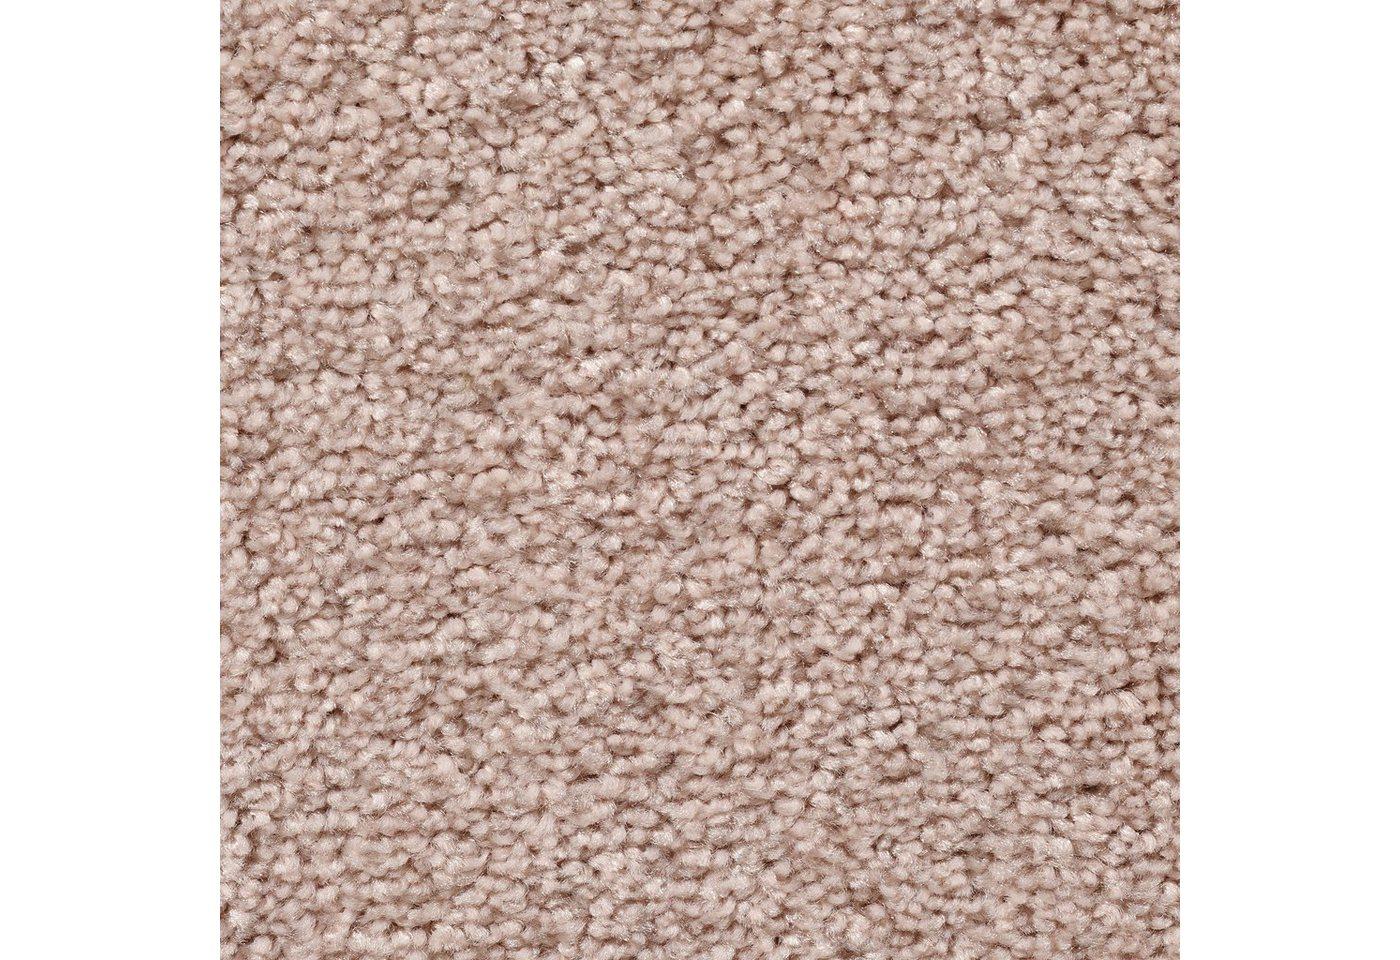 VORWERK Teppichboden »Passion 1004«, Meterware, Velours, Breite 400/500 cm | Baumarkt > Bodenbeläge > Teppichboden | Rosa | Vorwerk